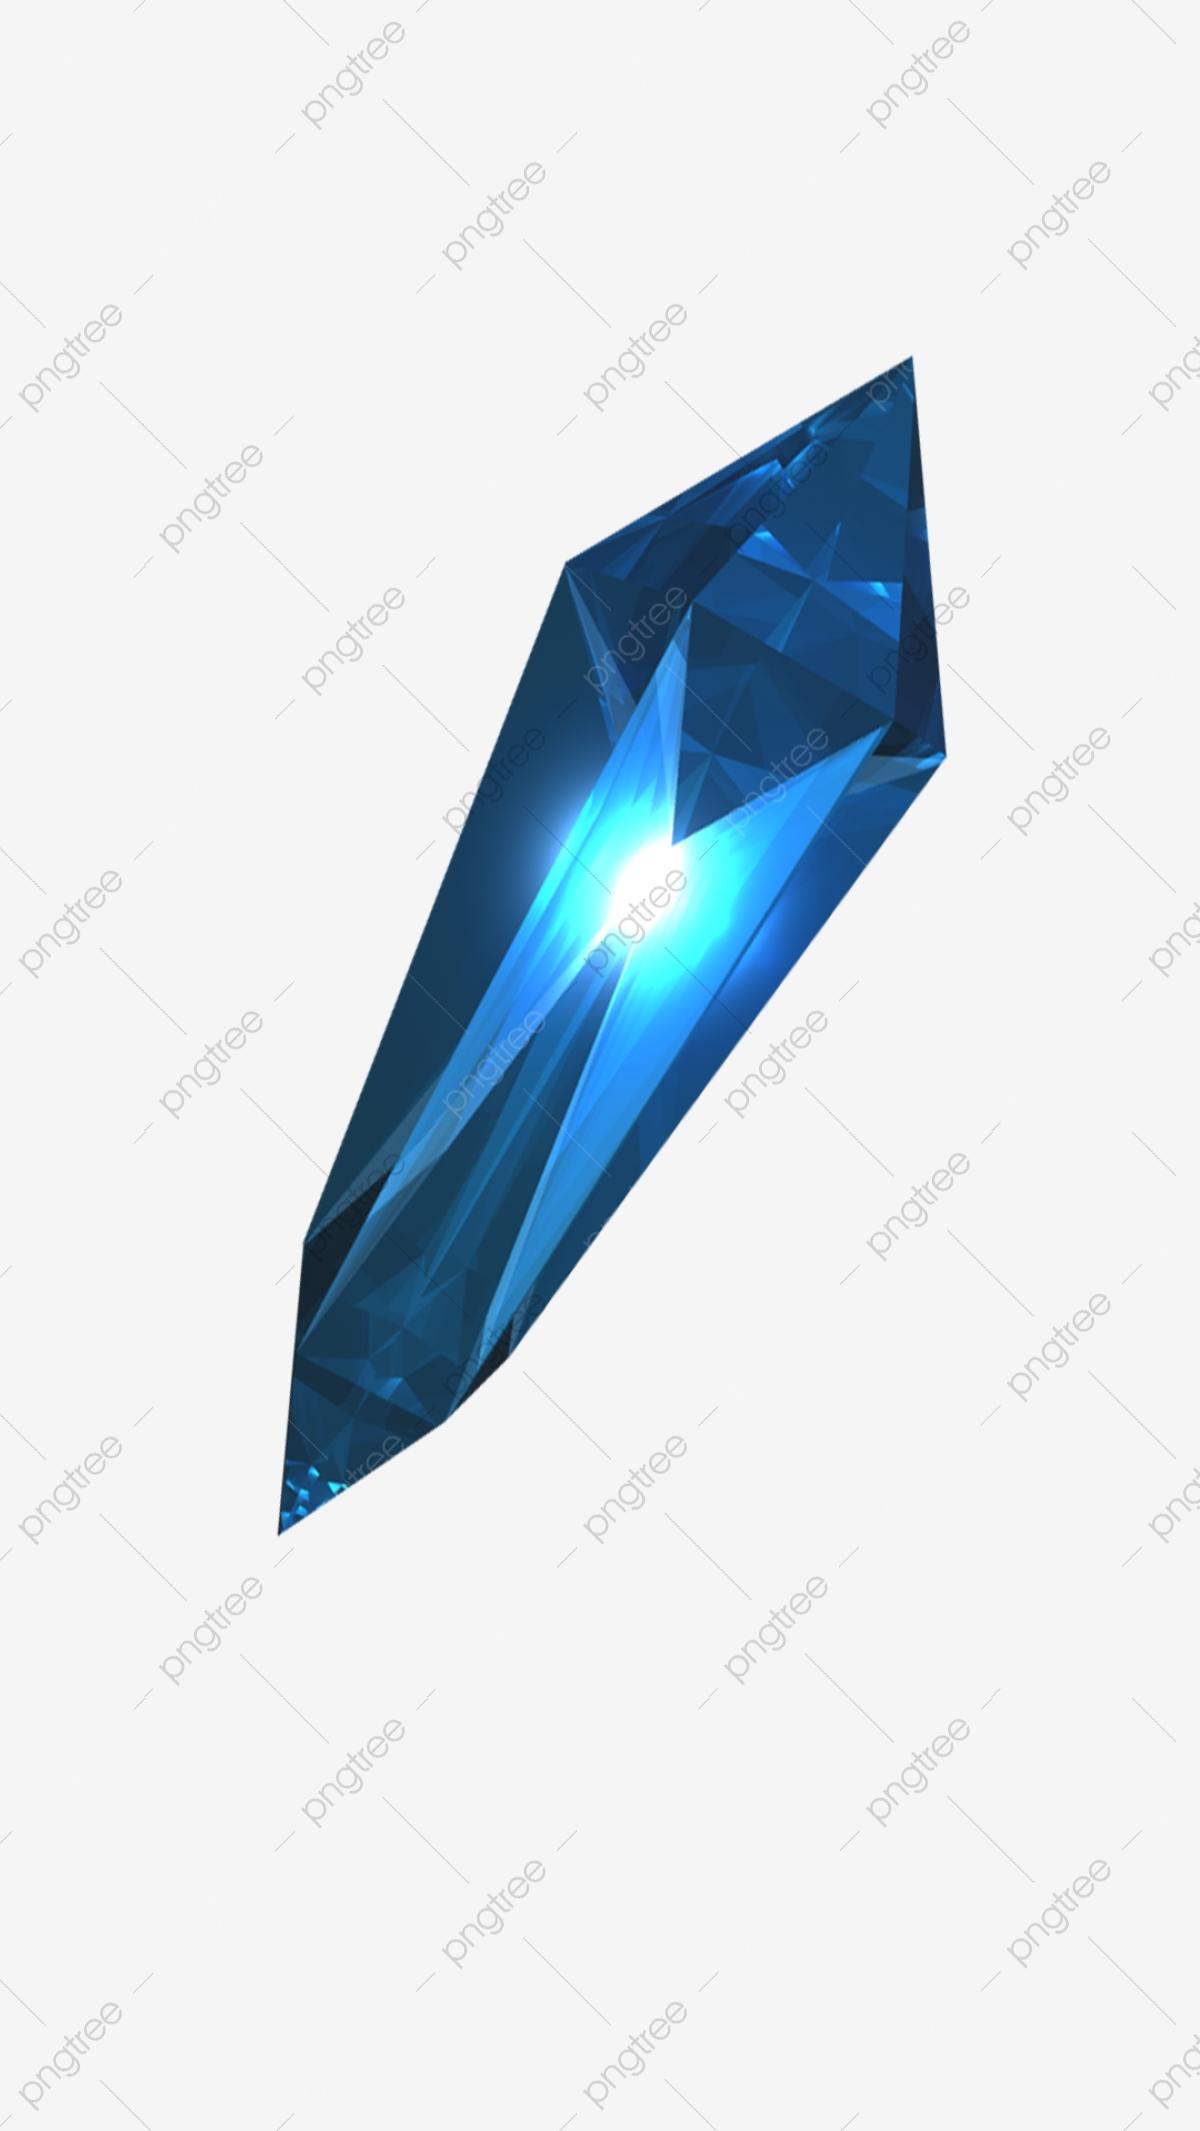 Desenho De Diamante De Cristal, Desenhos De Diamantes, H5., Cristal.